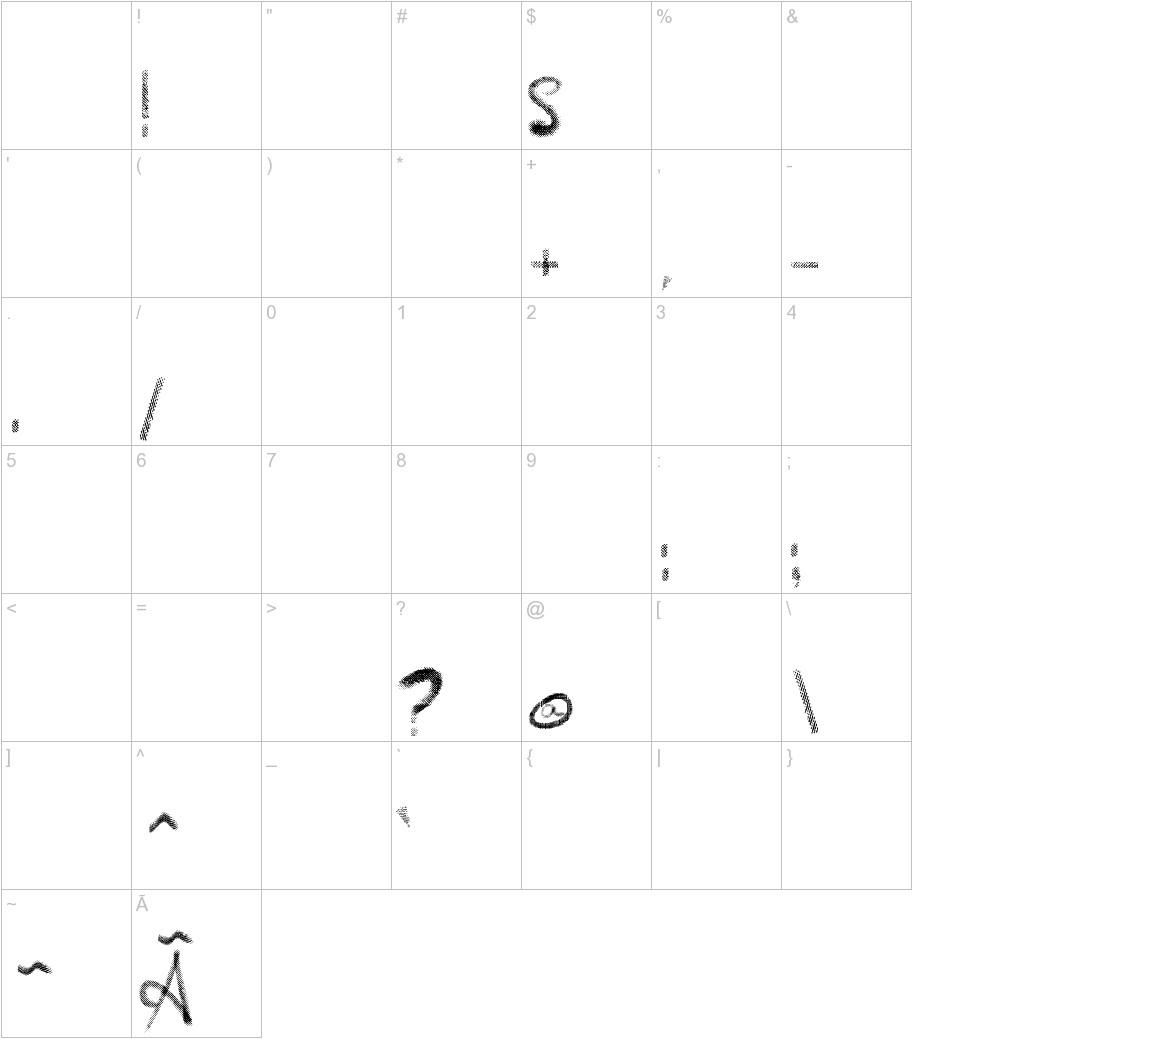 Vtks Vinte e Cinco characters